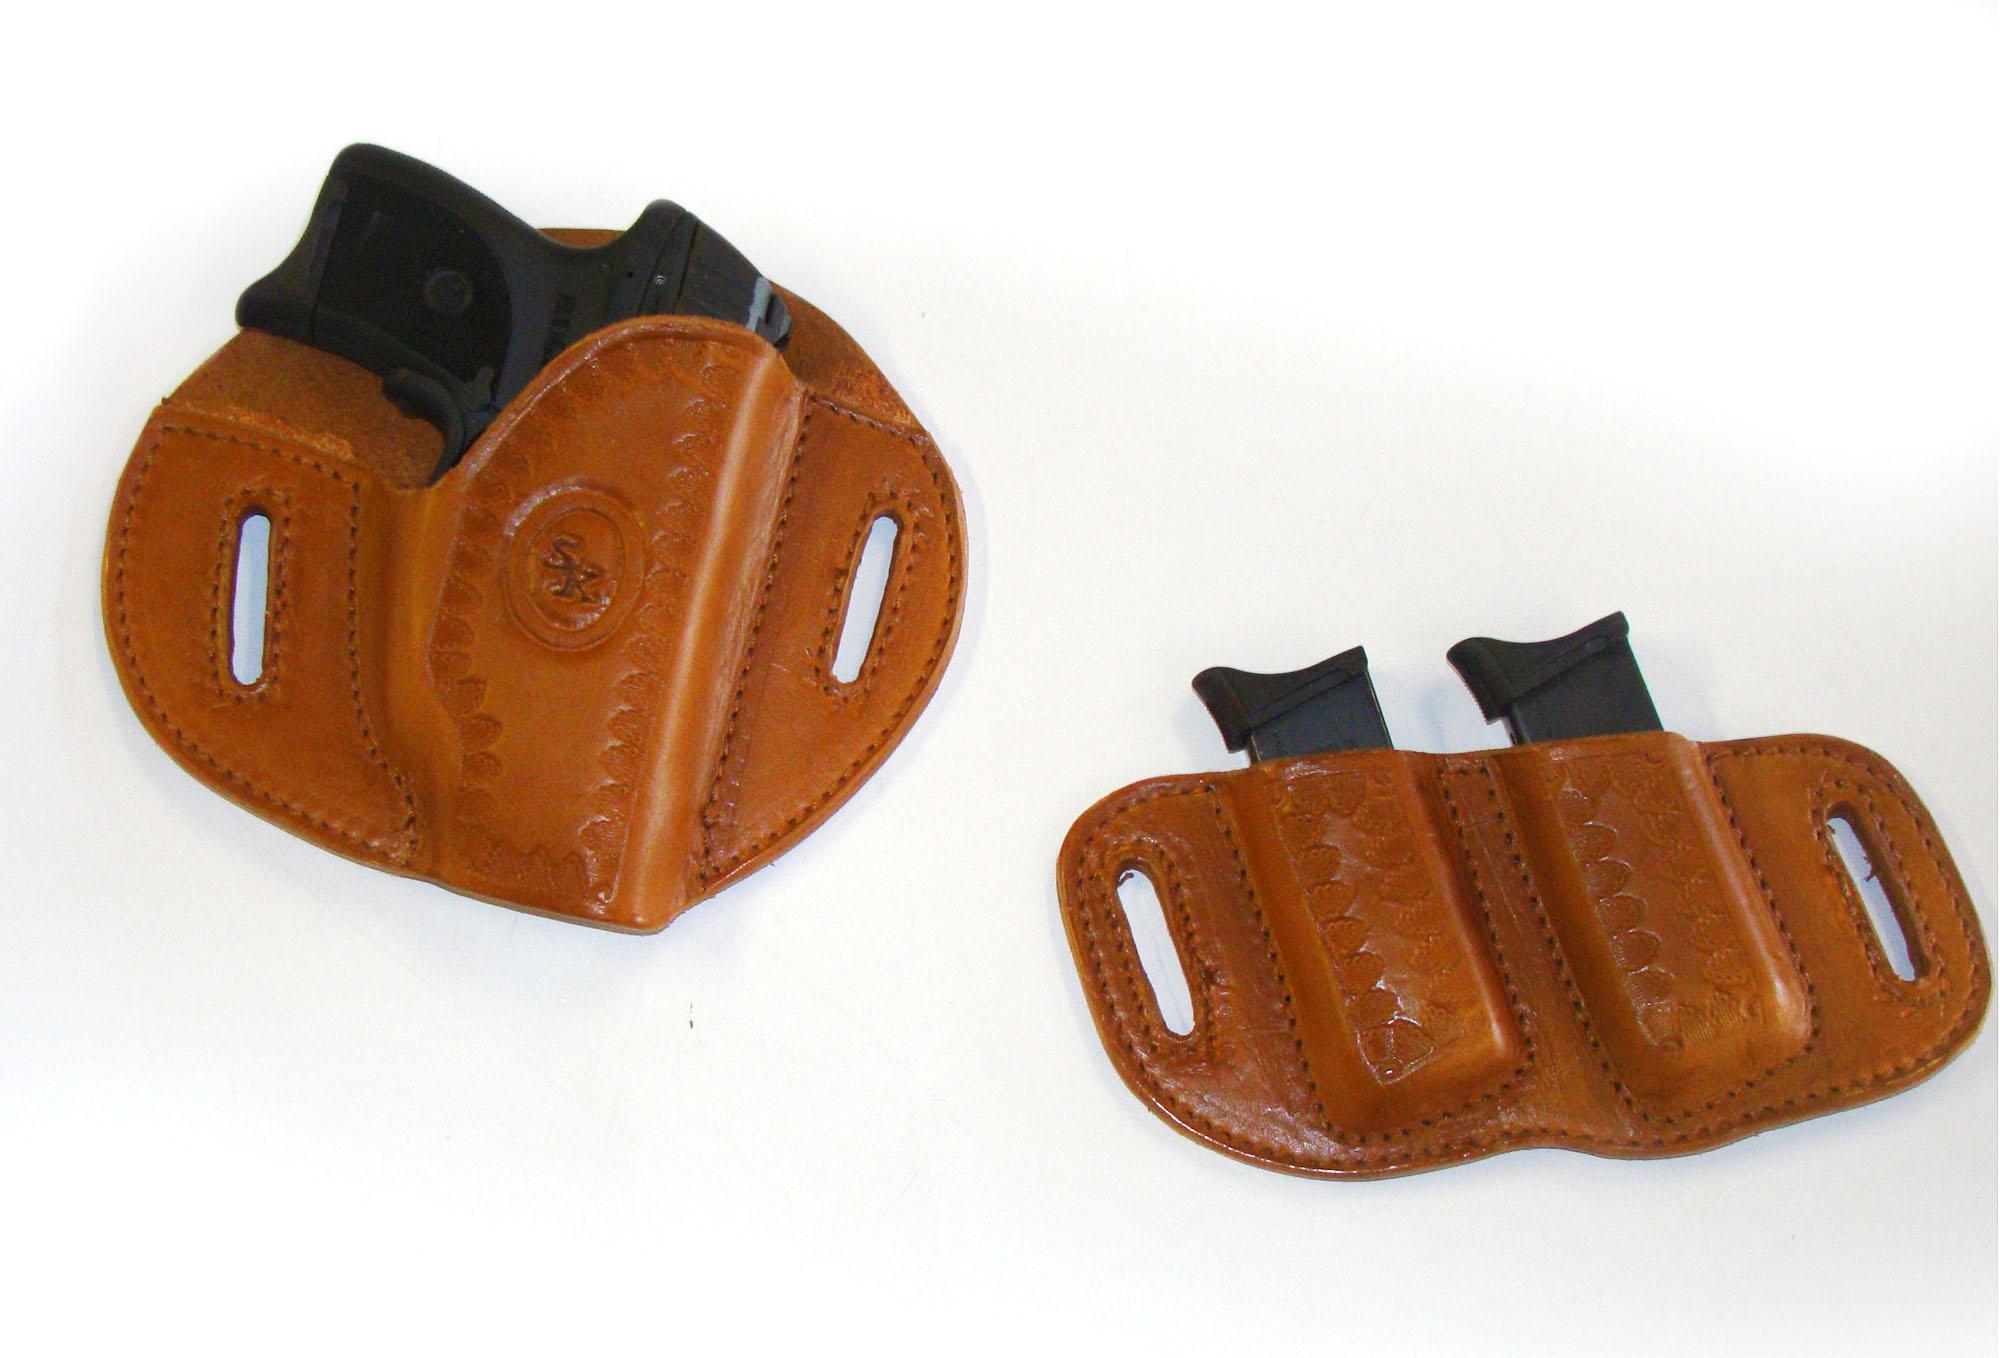 holser and clipps holster on white background